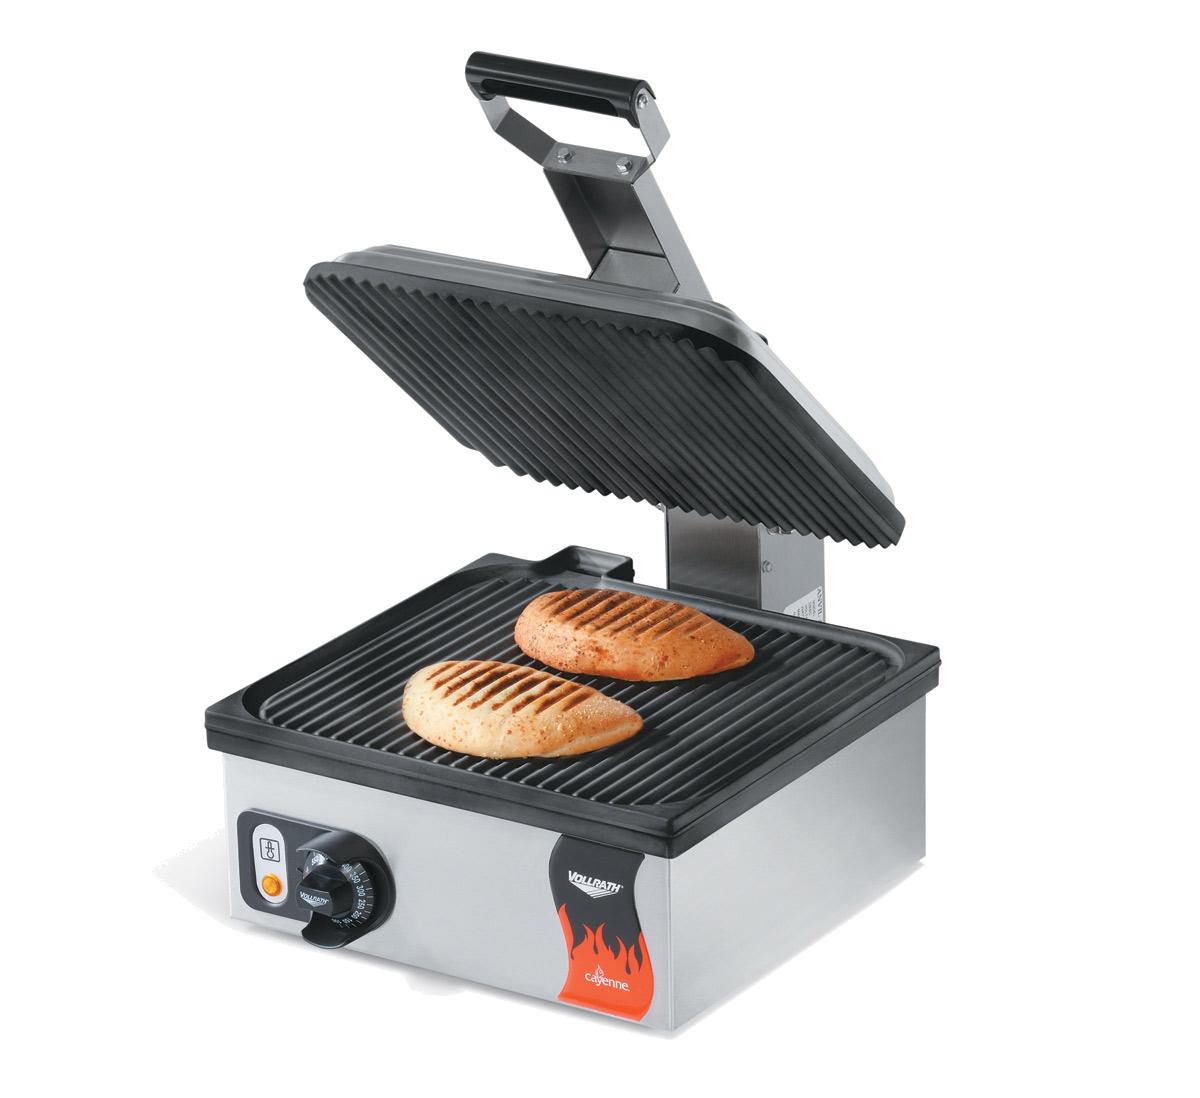 Vollrath 40790 sandwich / panini grill